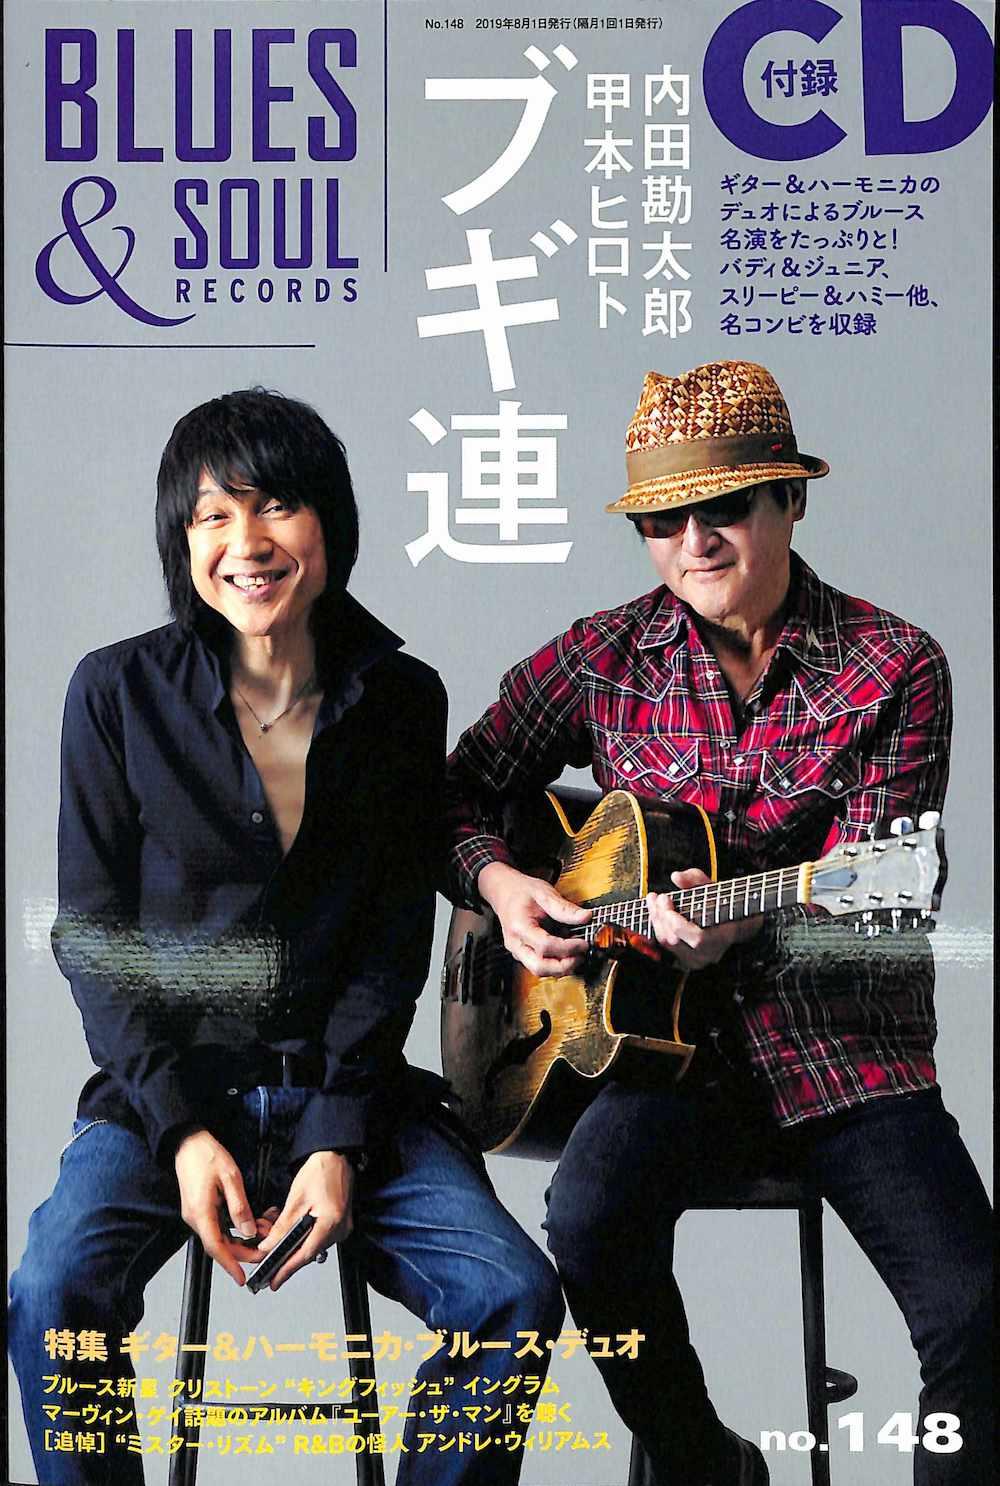 ブルース & ソウル・レコーズ - Blues & Soul Records No. 148 - Book